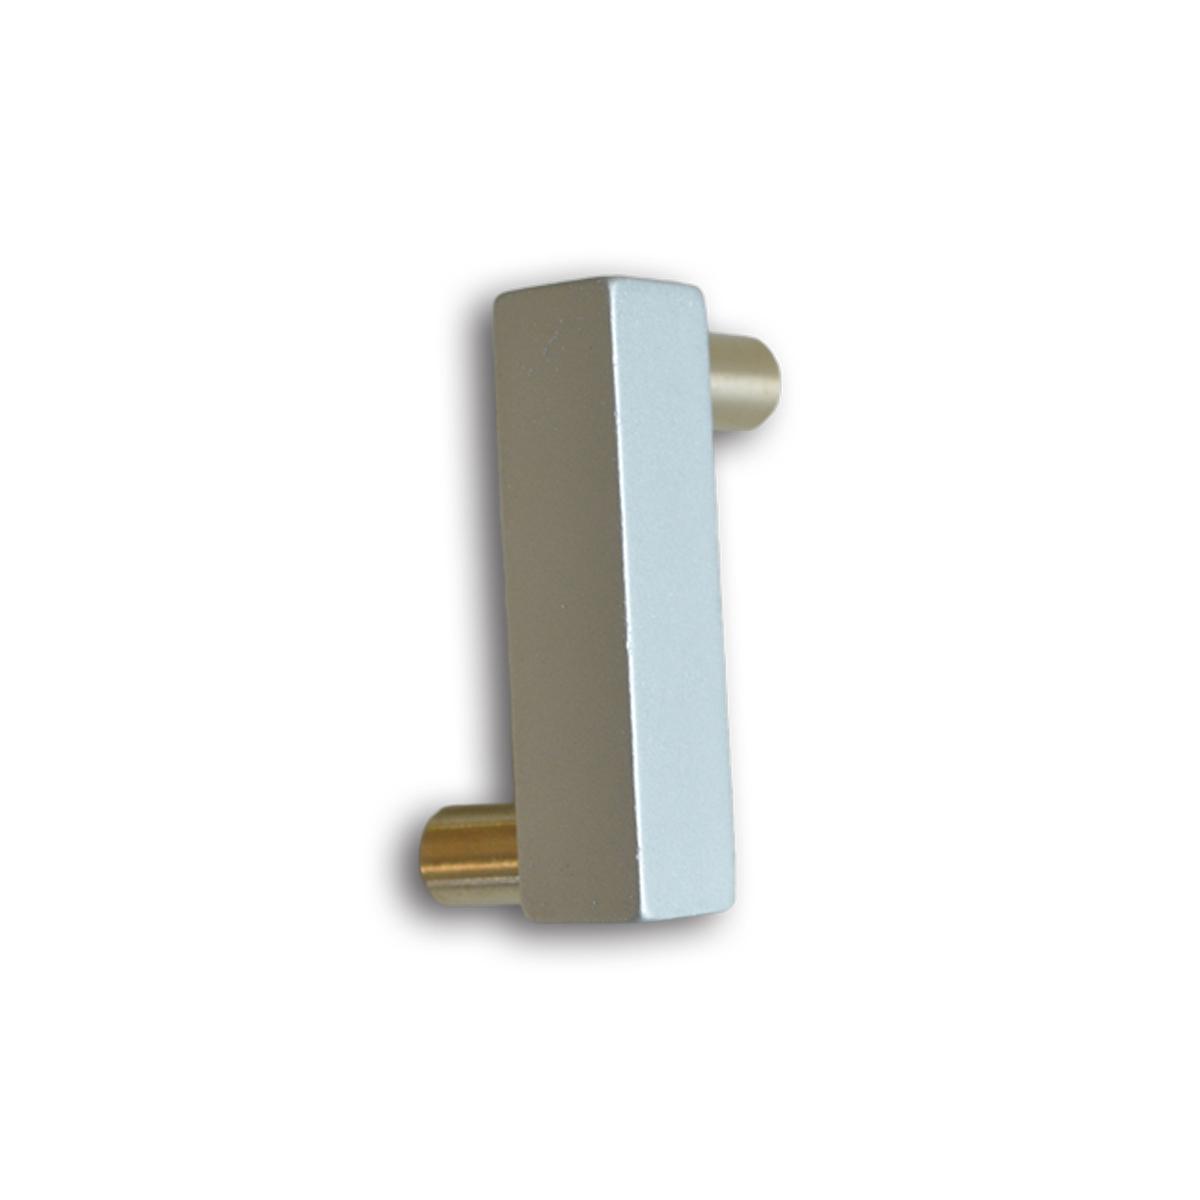 Battiscopa Accessori BAC 400 Profilitec